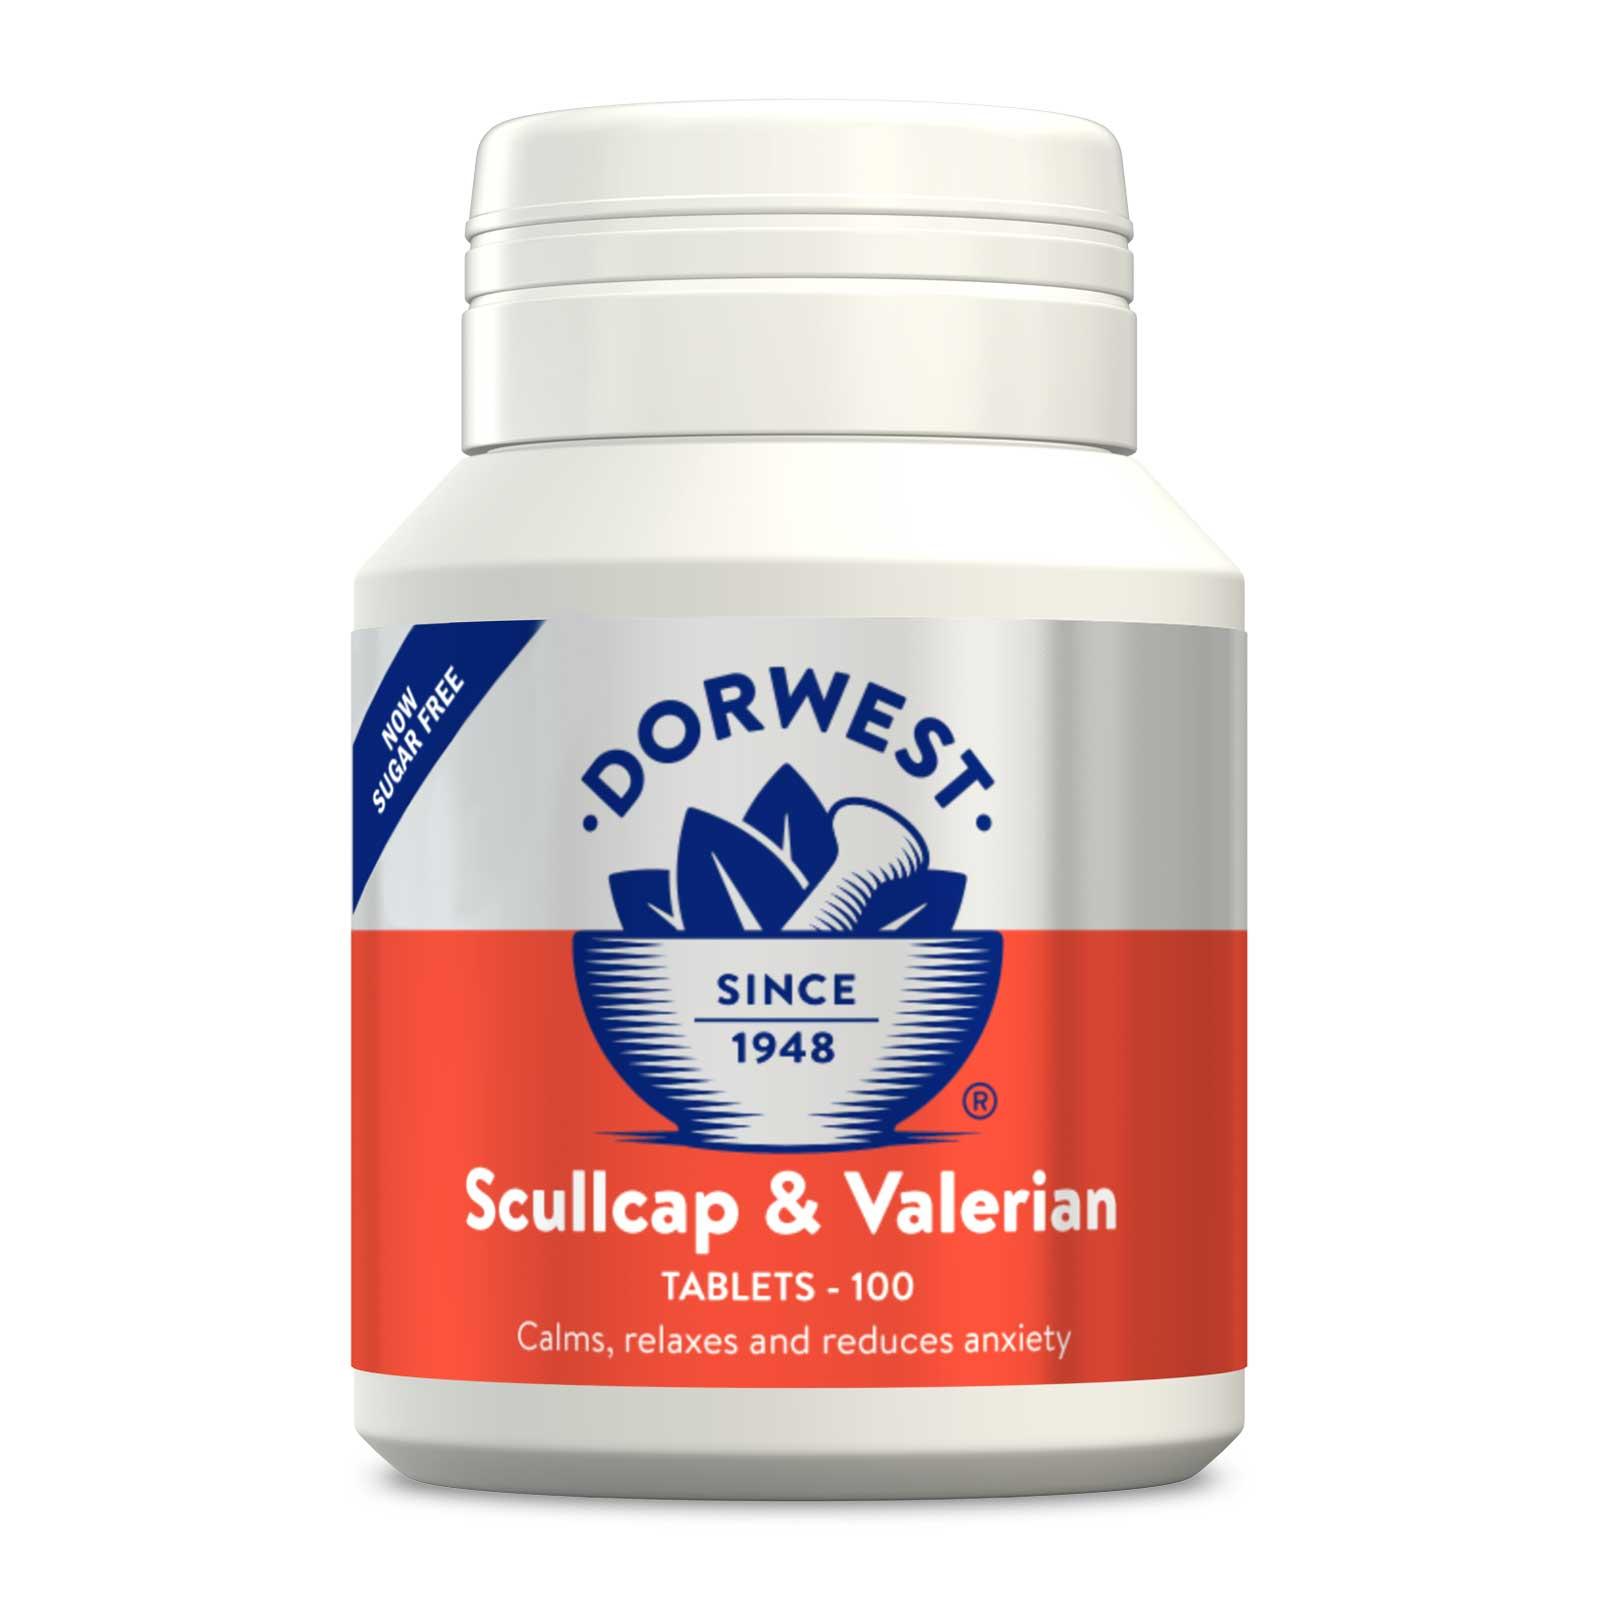 Dorwest Skullcap & Valerian Tablets